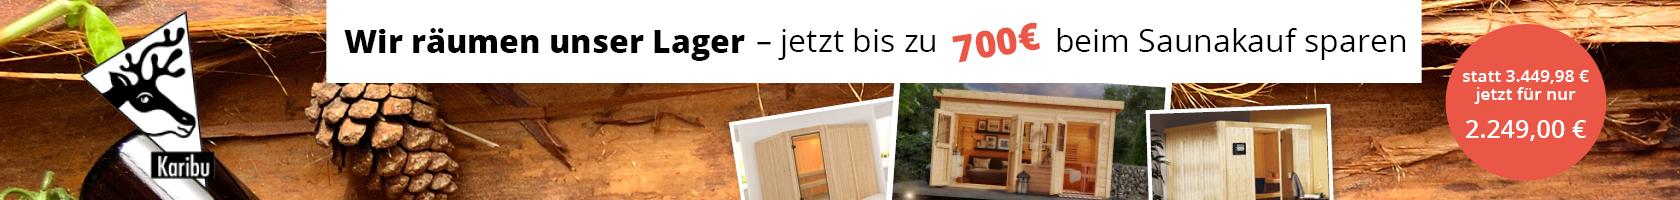 Sauna Lagerabverkauf